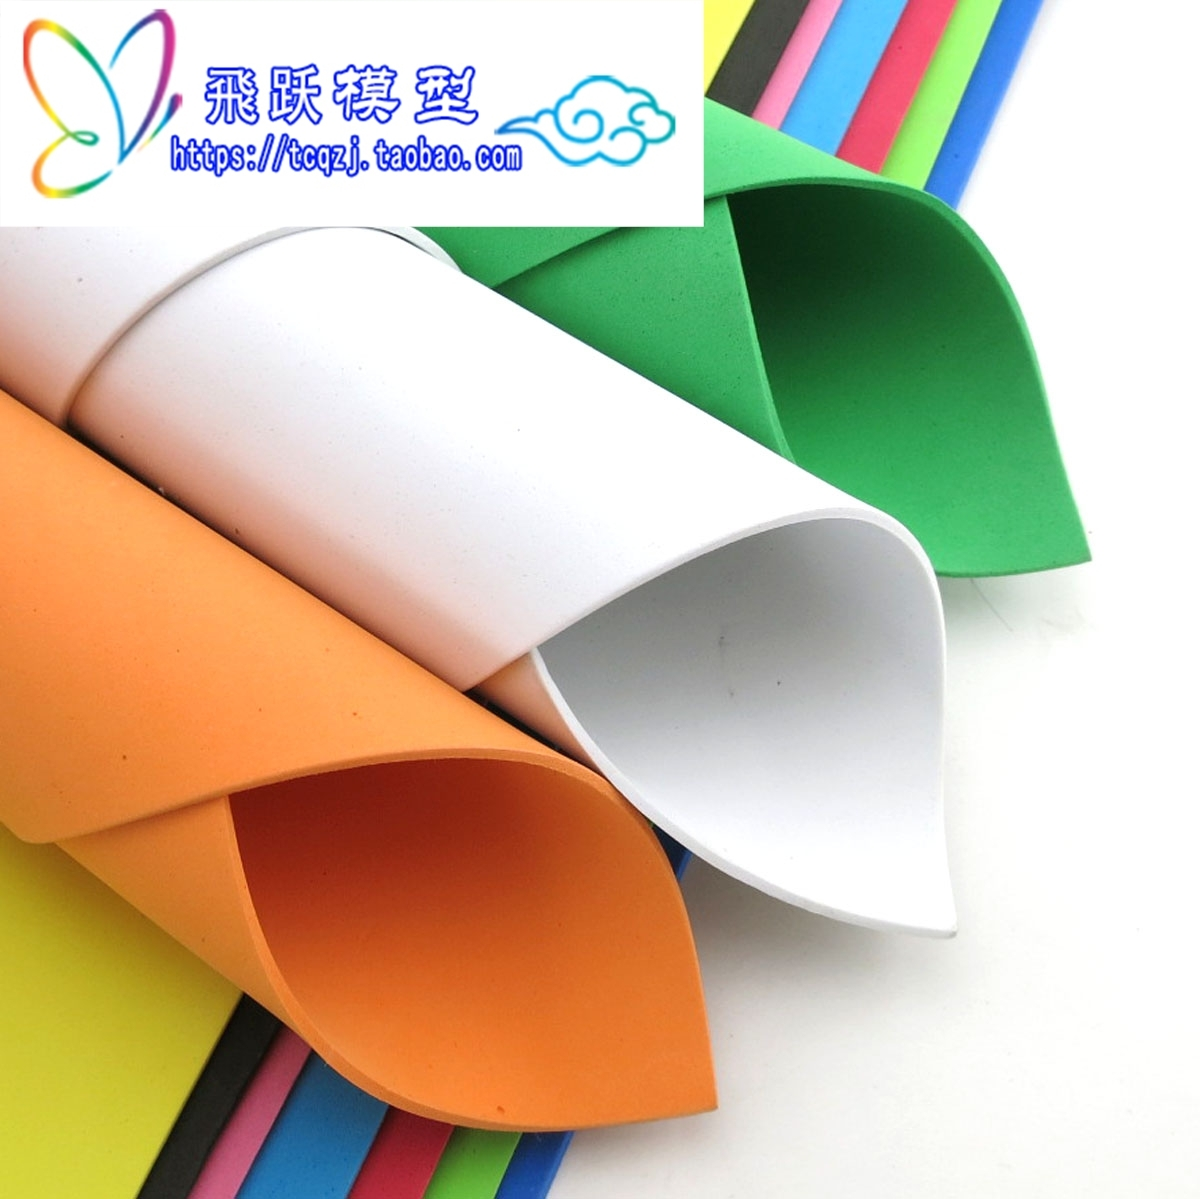 EVA纸儿童幼儿园DIY手工制作 安全环保益智泡沫材料彩色EVA片 手